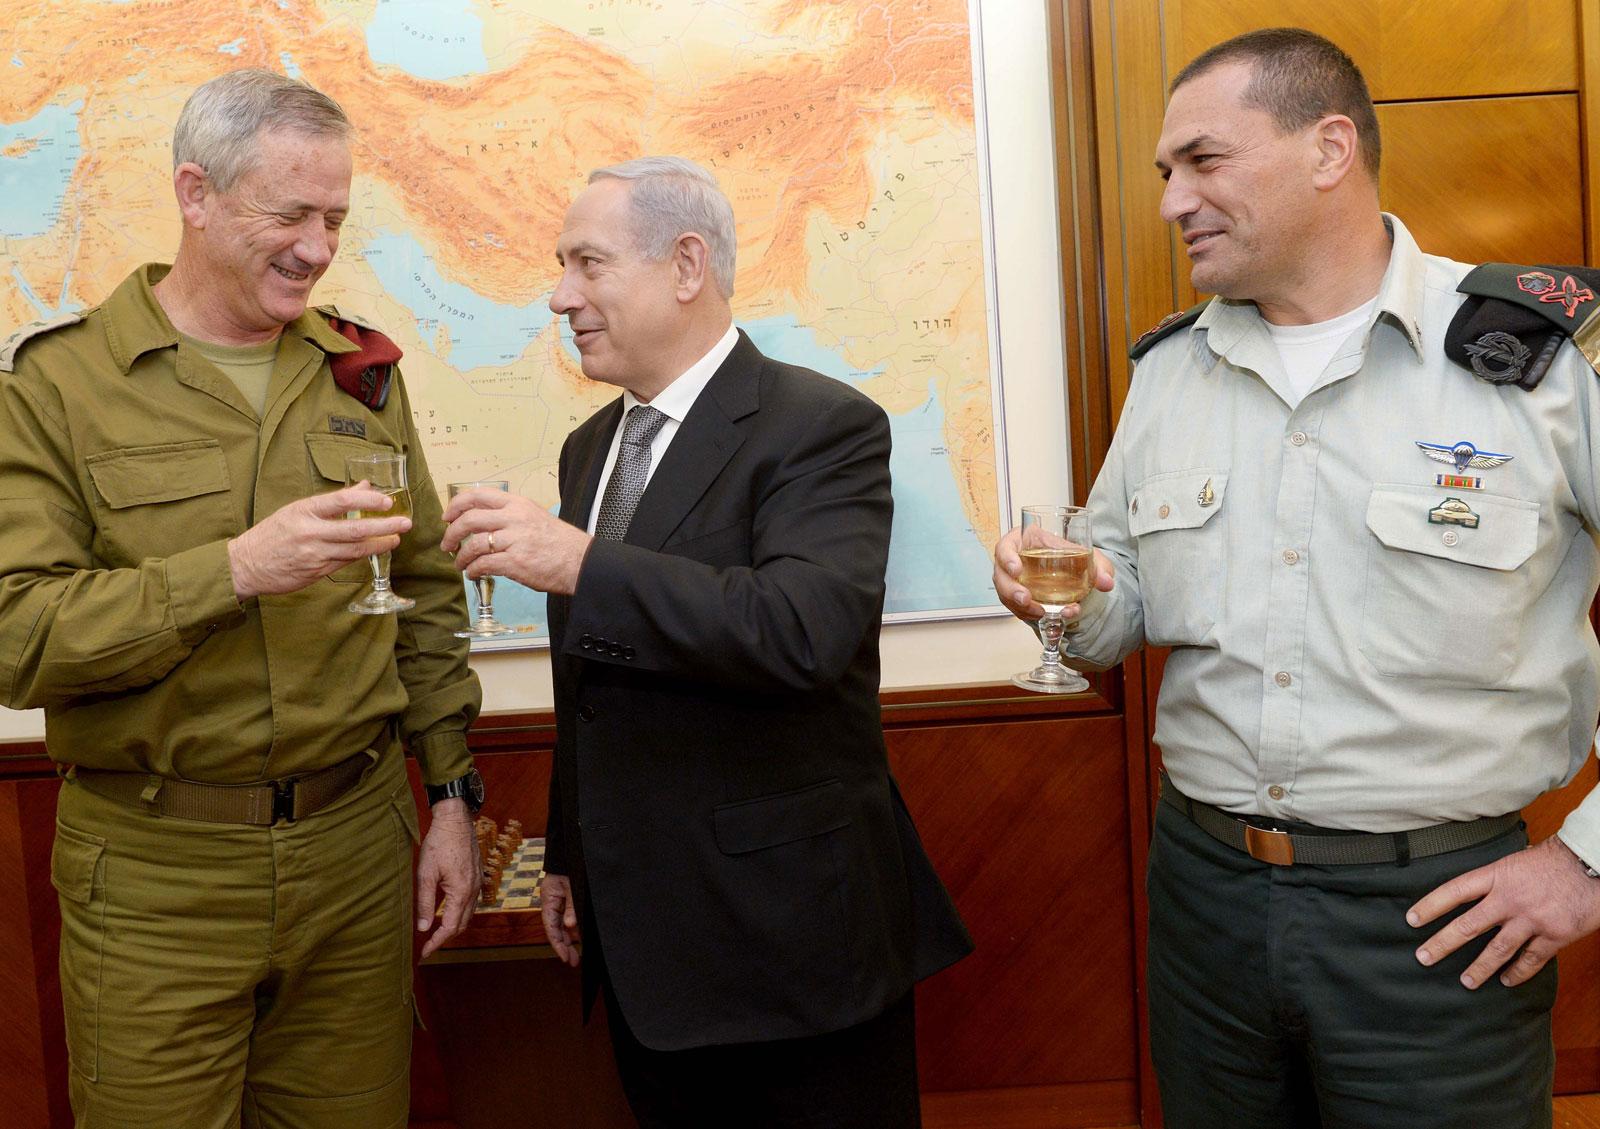 """ראש ממשלת ישראל בנימין נתניהו וראש המטה הכללי בני גנץ משיקים כוסית לכבוד חג הפסח, אתמול (מימין: המזכיר הצבאי איל זמיר. צילום: אבי אוחיון, לע""""מ)"""